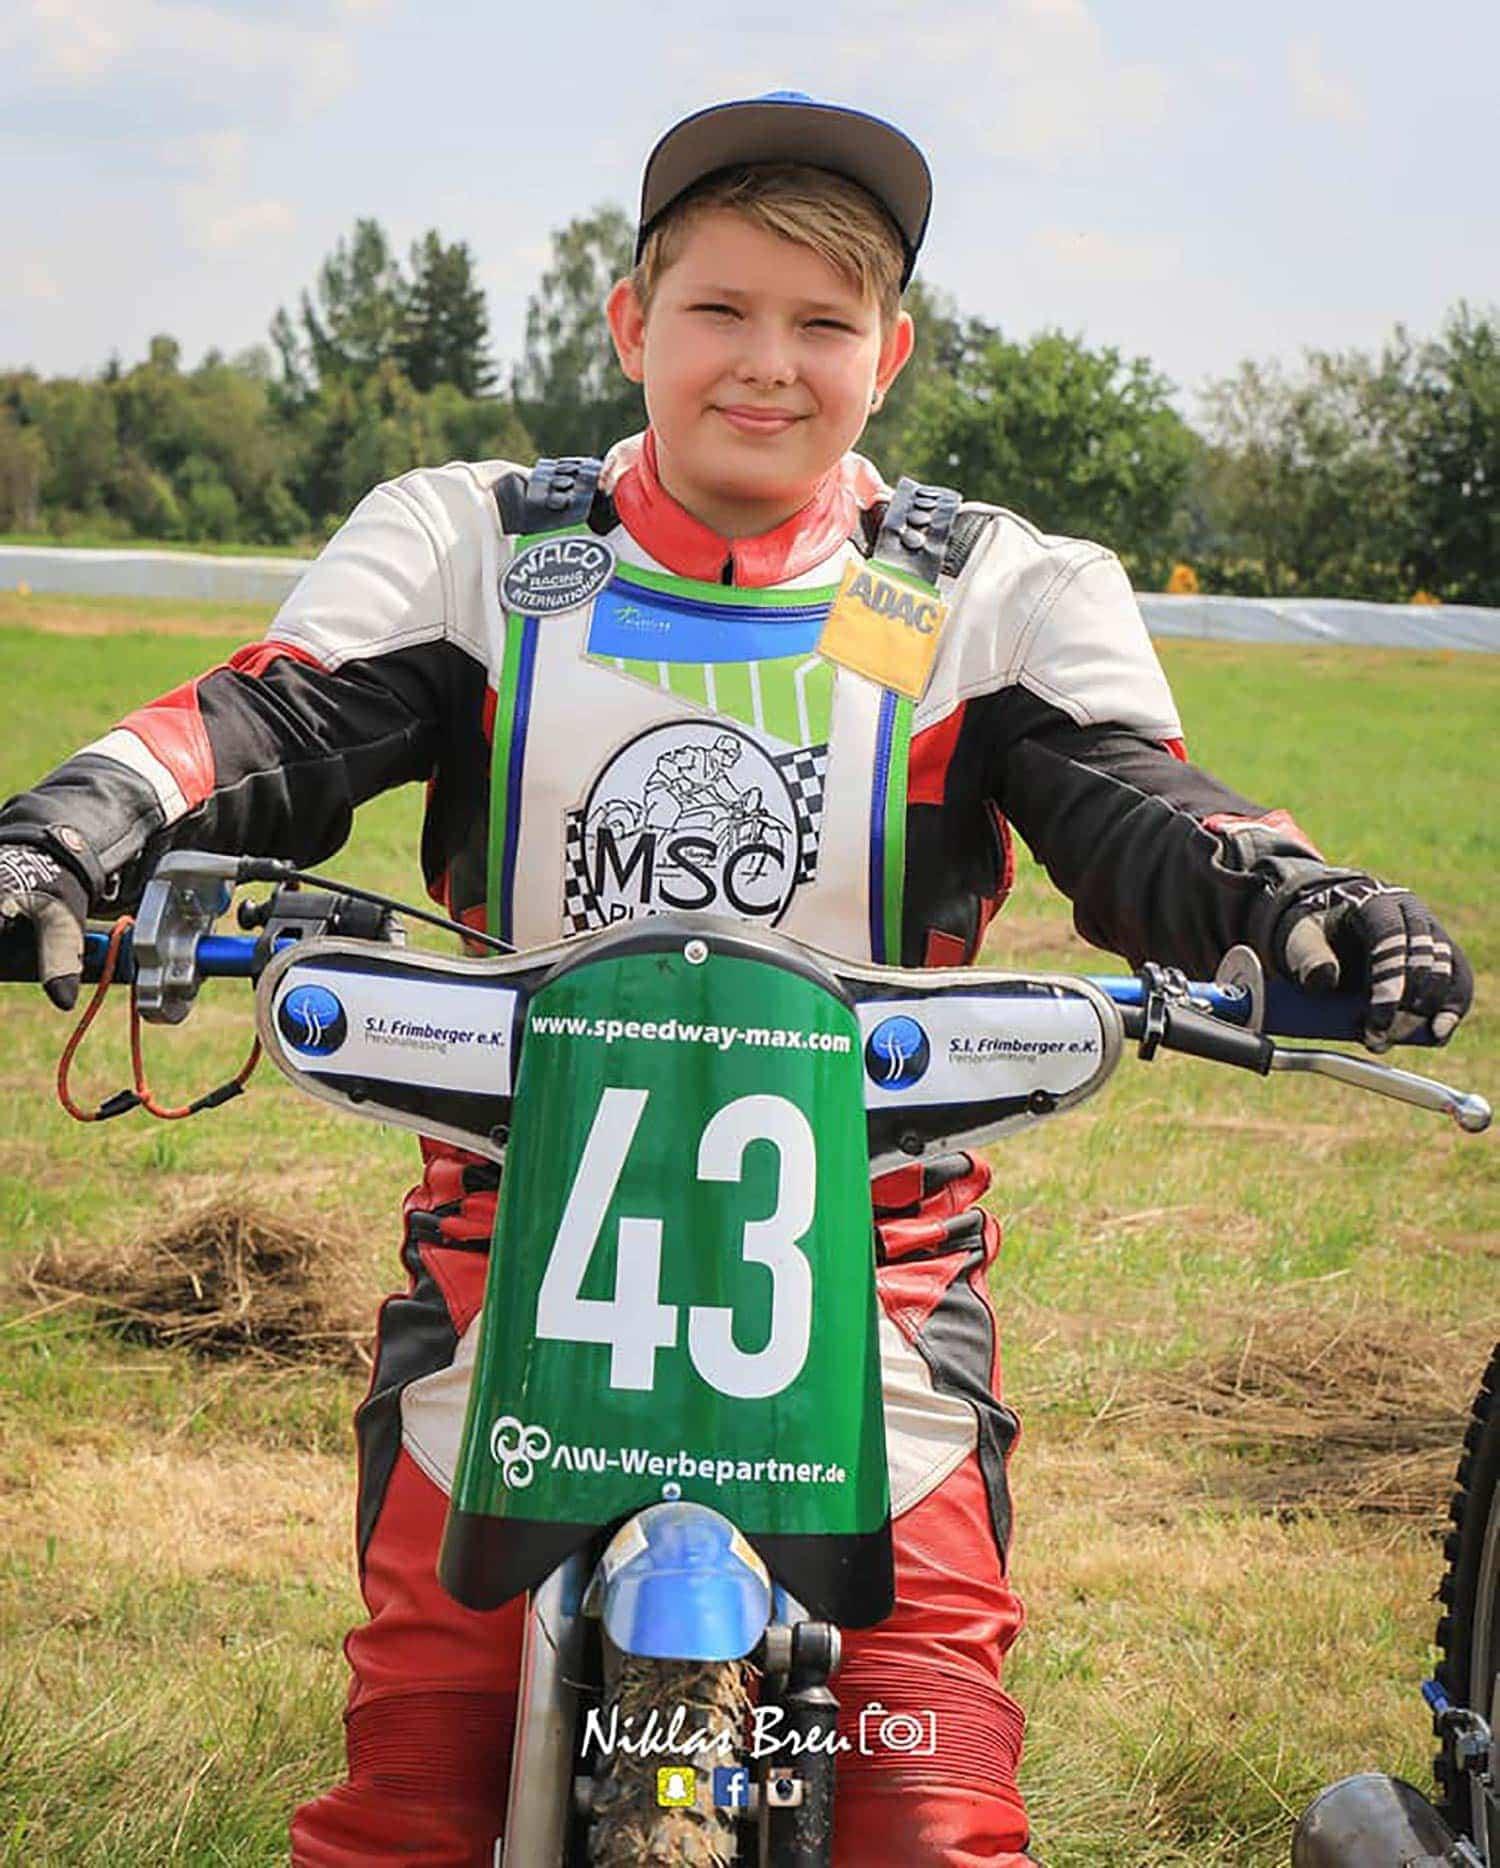 """Maximilian Gammel (12) ist ein Nachwuchstalent im deutschen Speedway-Sport. Der Schierlinger kann schon große Erfolge vorweisen. Heuer fährt er für die """"Young Devils"""". In der Kurve mit """"Speedway-Max"""""""